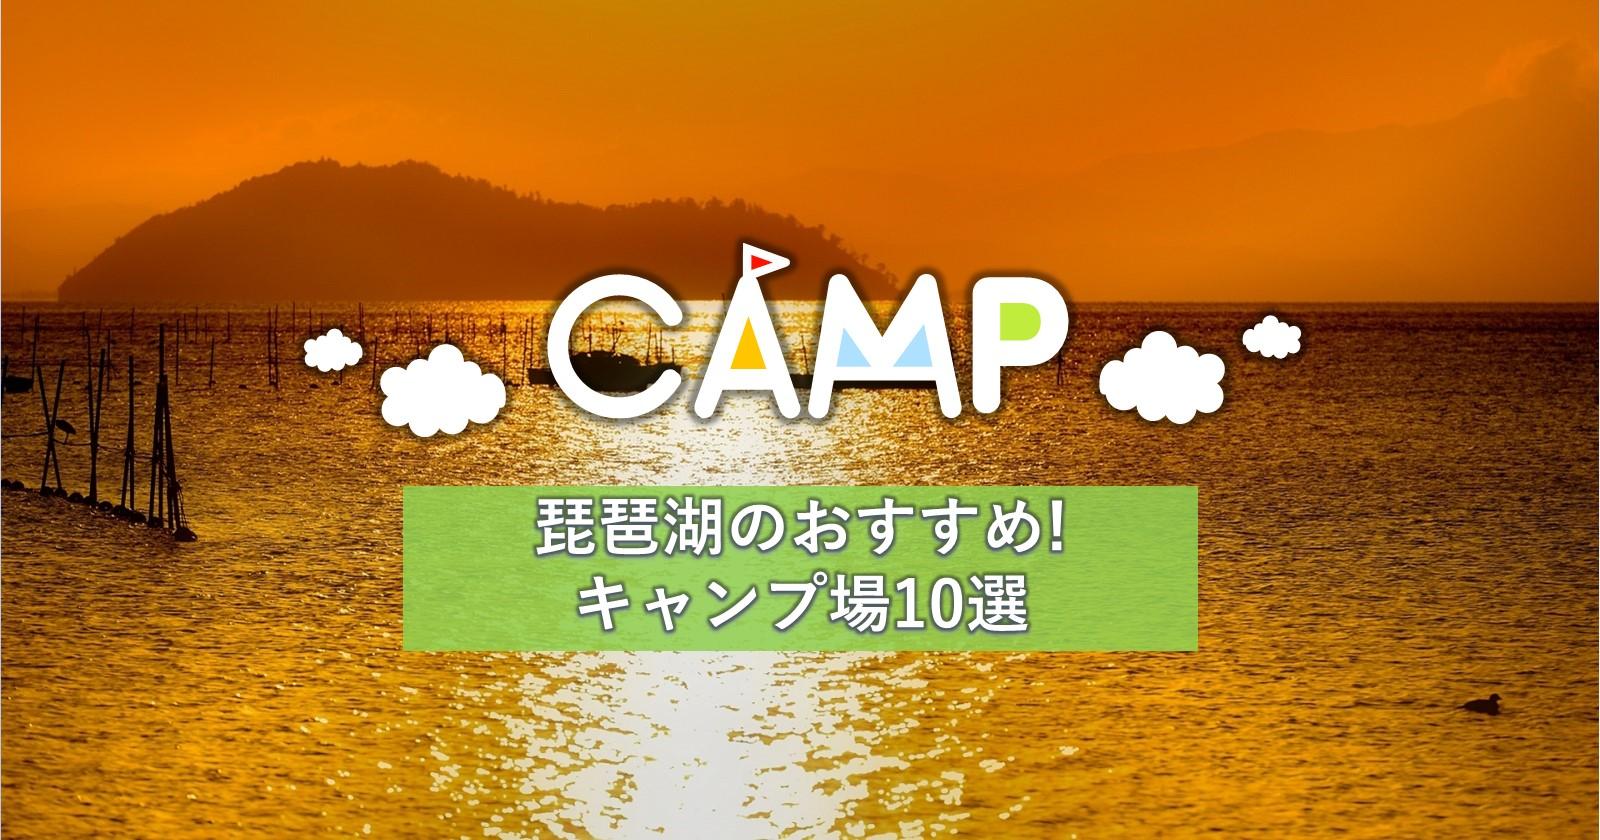 まるで海のように快適!琵琶湖でおすすめのキャンプ場10選